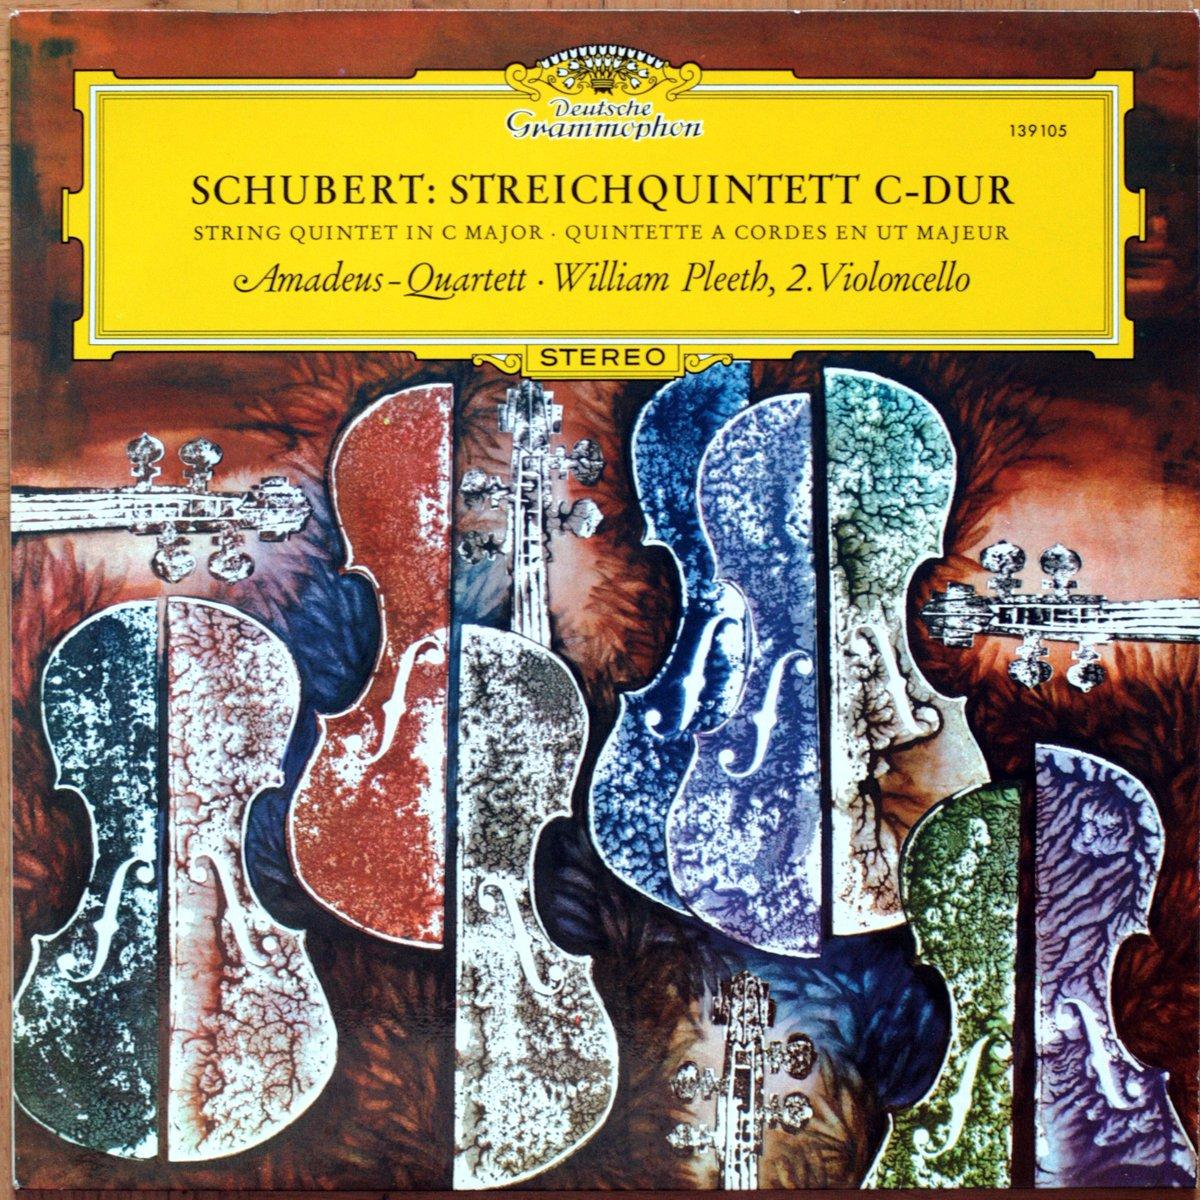 DGG | Deutsche Grammophon | Records | LP | Vinyl | Label Guide | Références